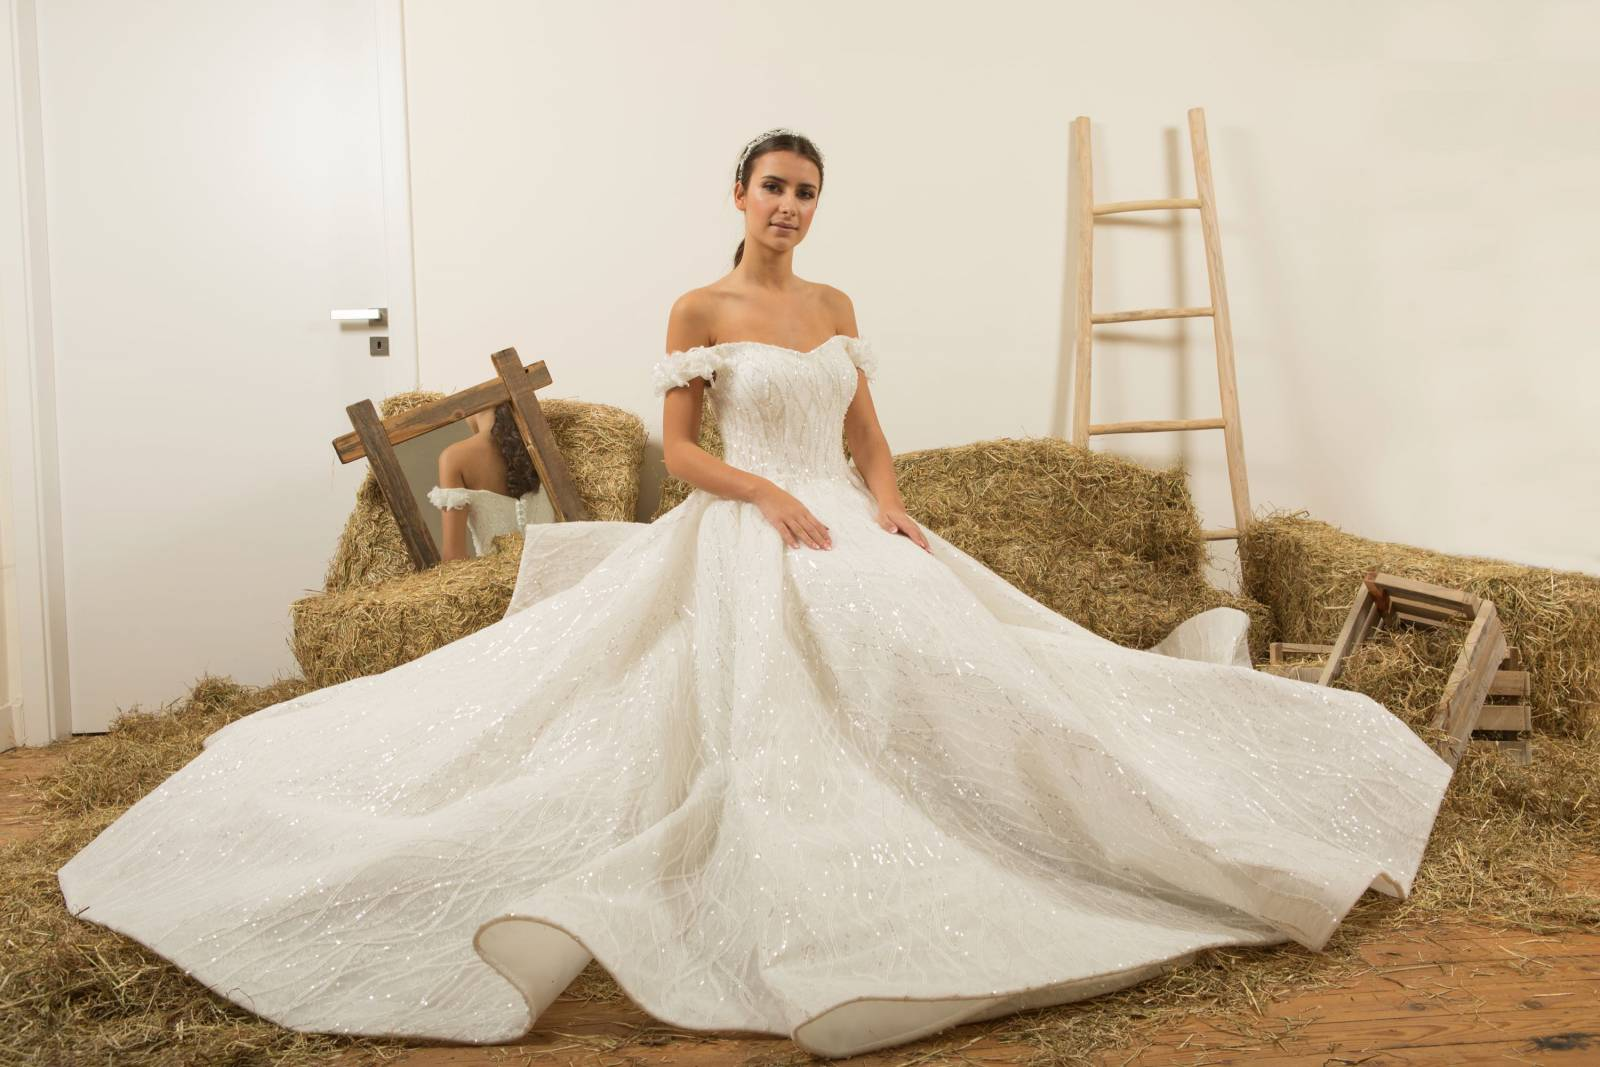 Atelier ExC - Trouwjurken - Bruidsjurken - Bruidswinkel - Bruidsmodewinkel - House of Weddings - 34